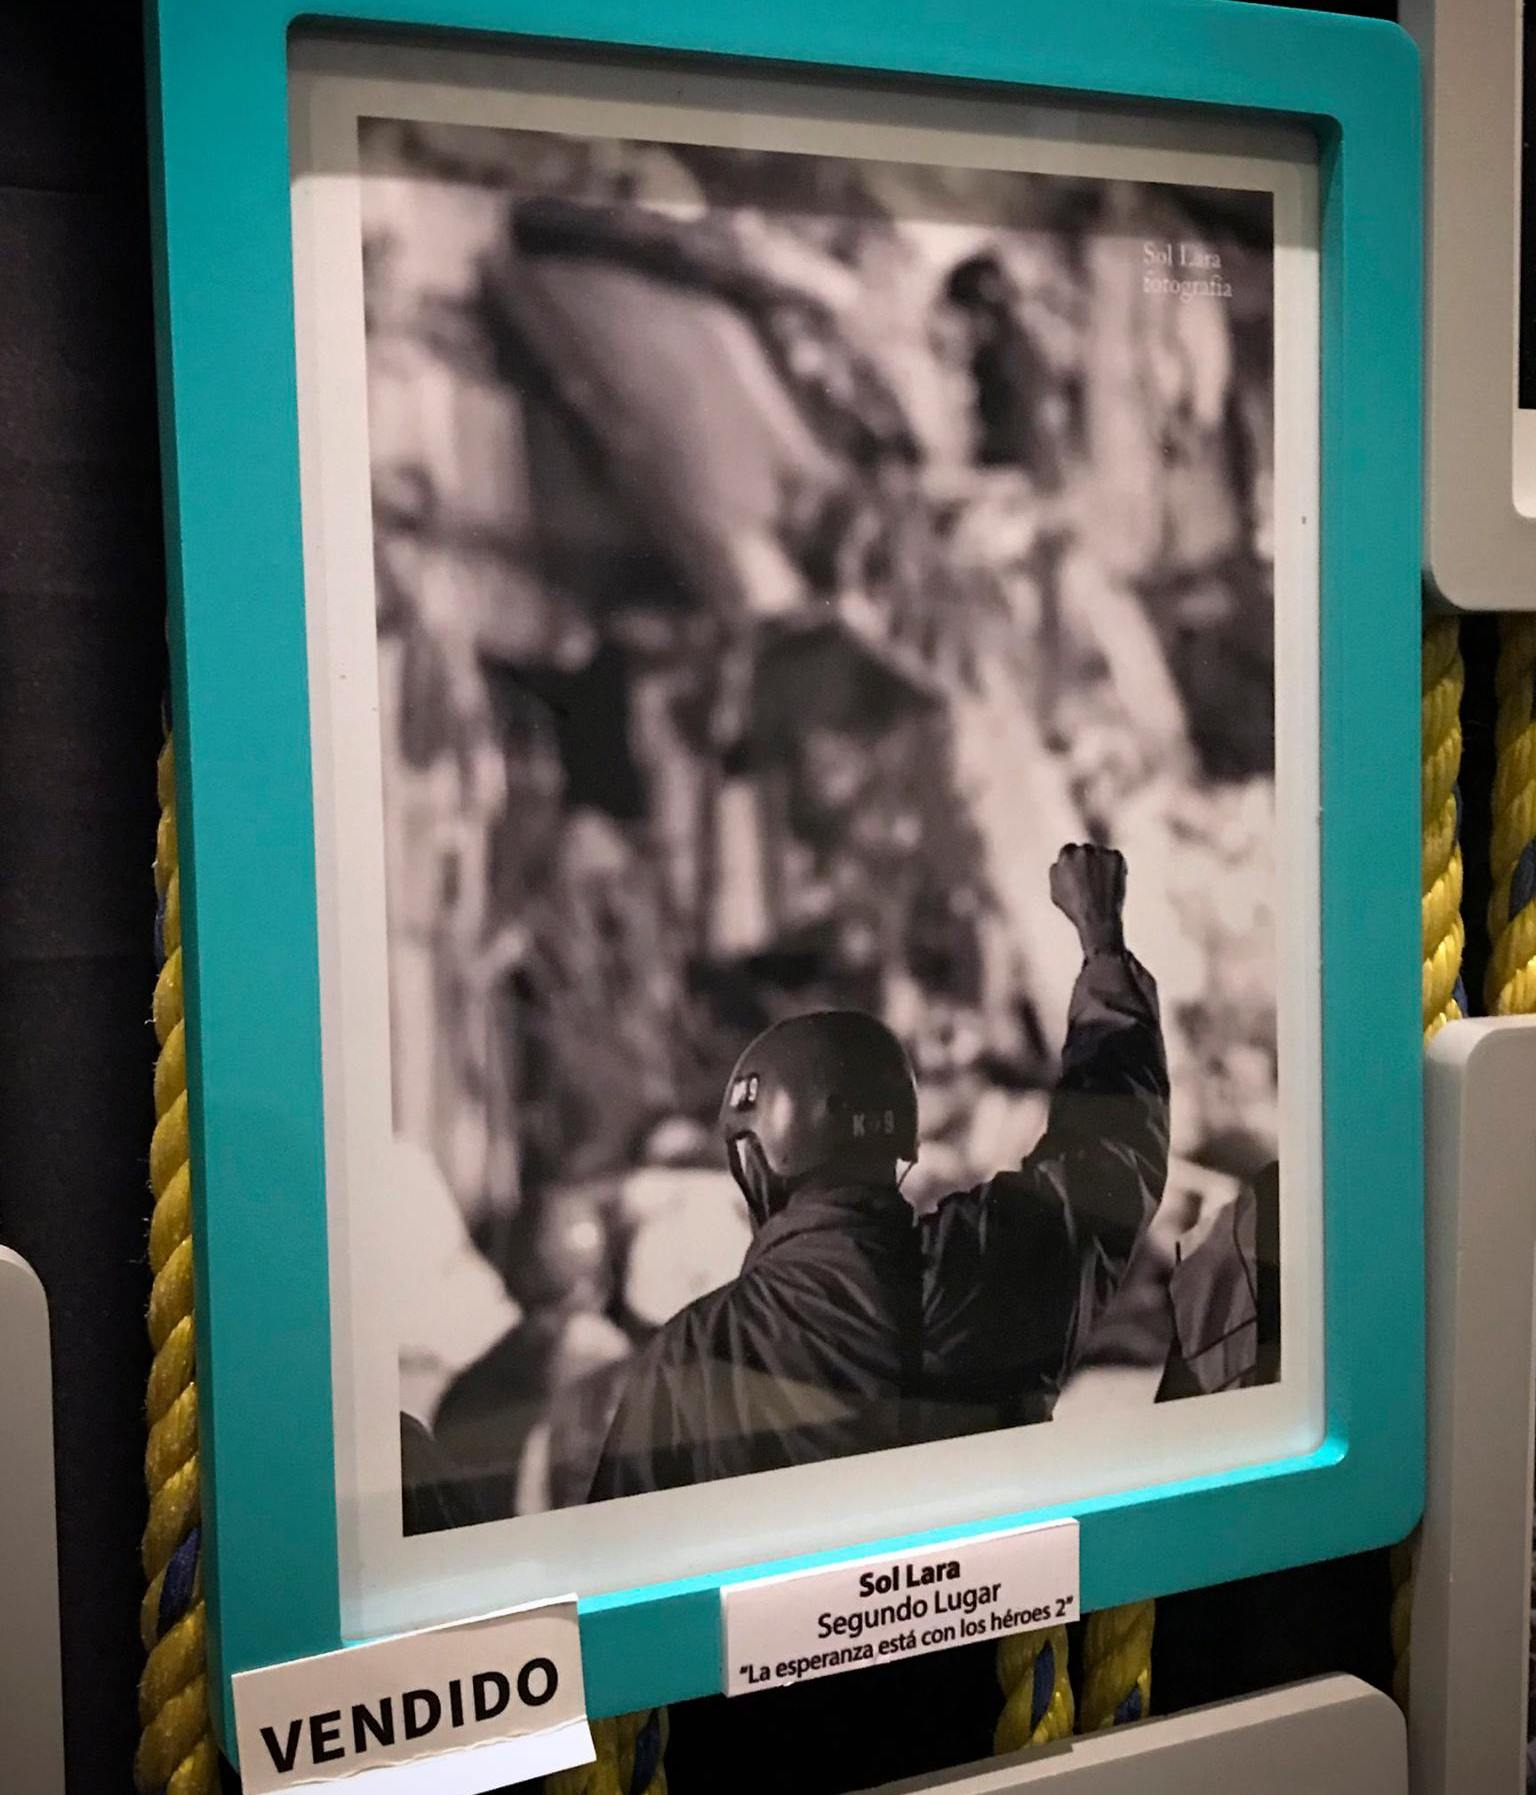 El fotógrafo Daniel Aguilar denunció en Facebook que una de sus fotos fue plagiada e inscrita en un concurso de Zona Maco, en el cual ganó el segundo lugar.